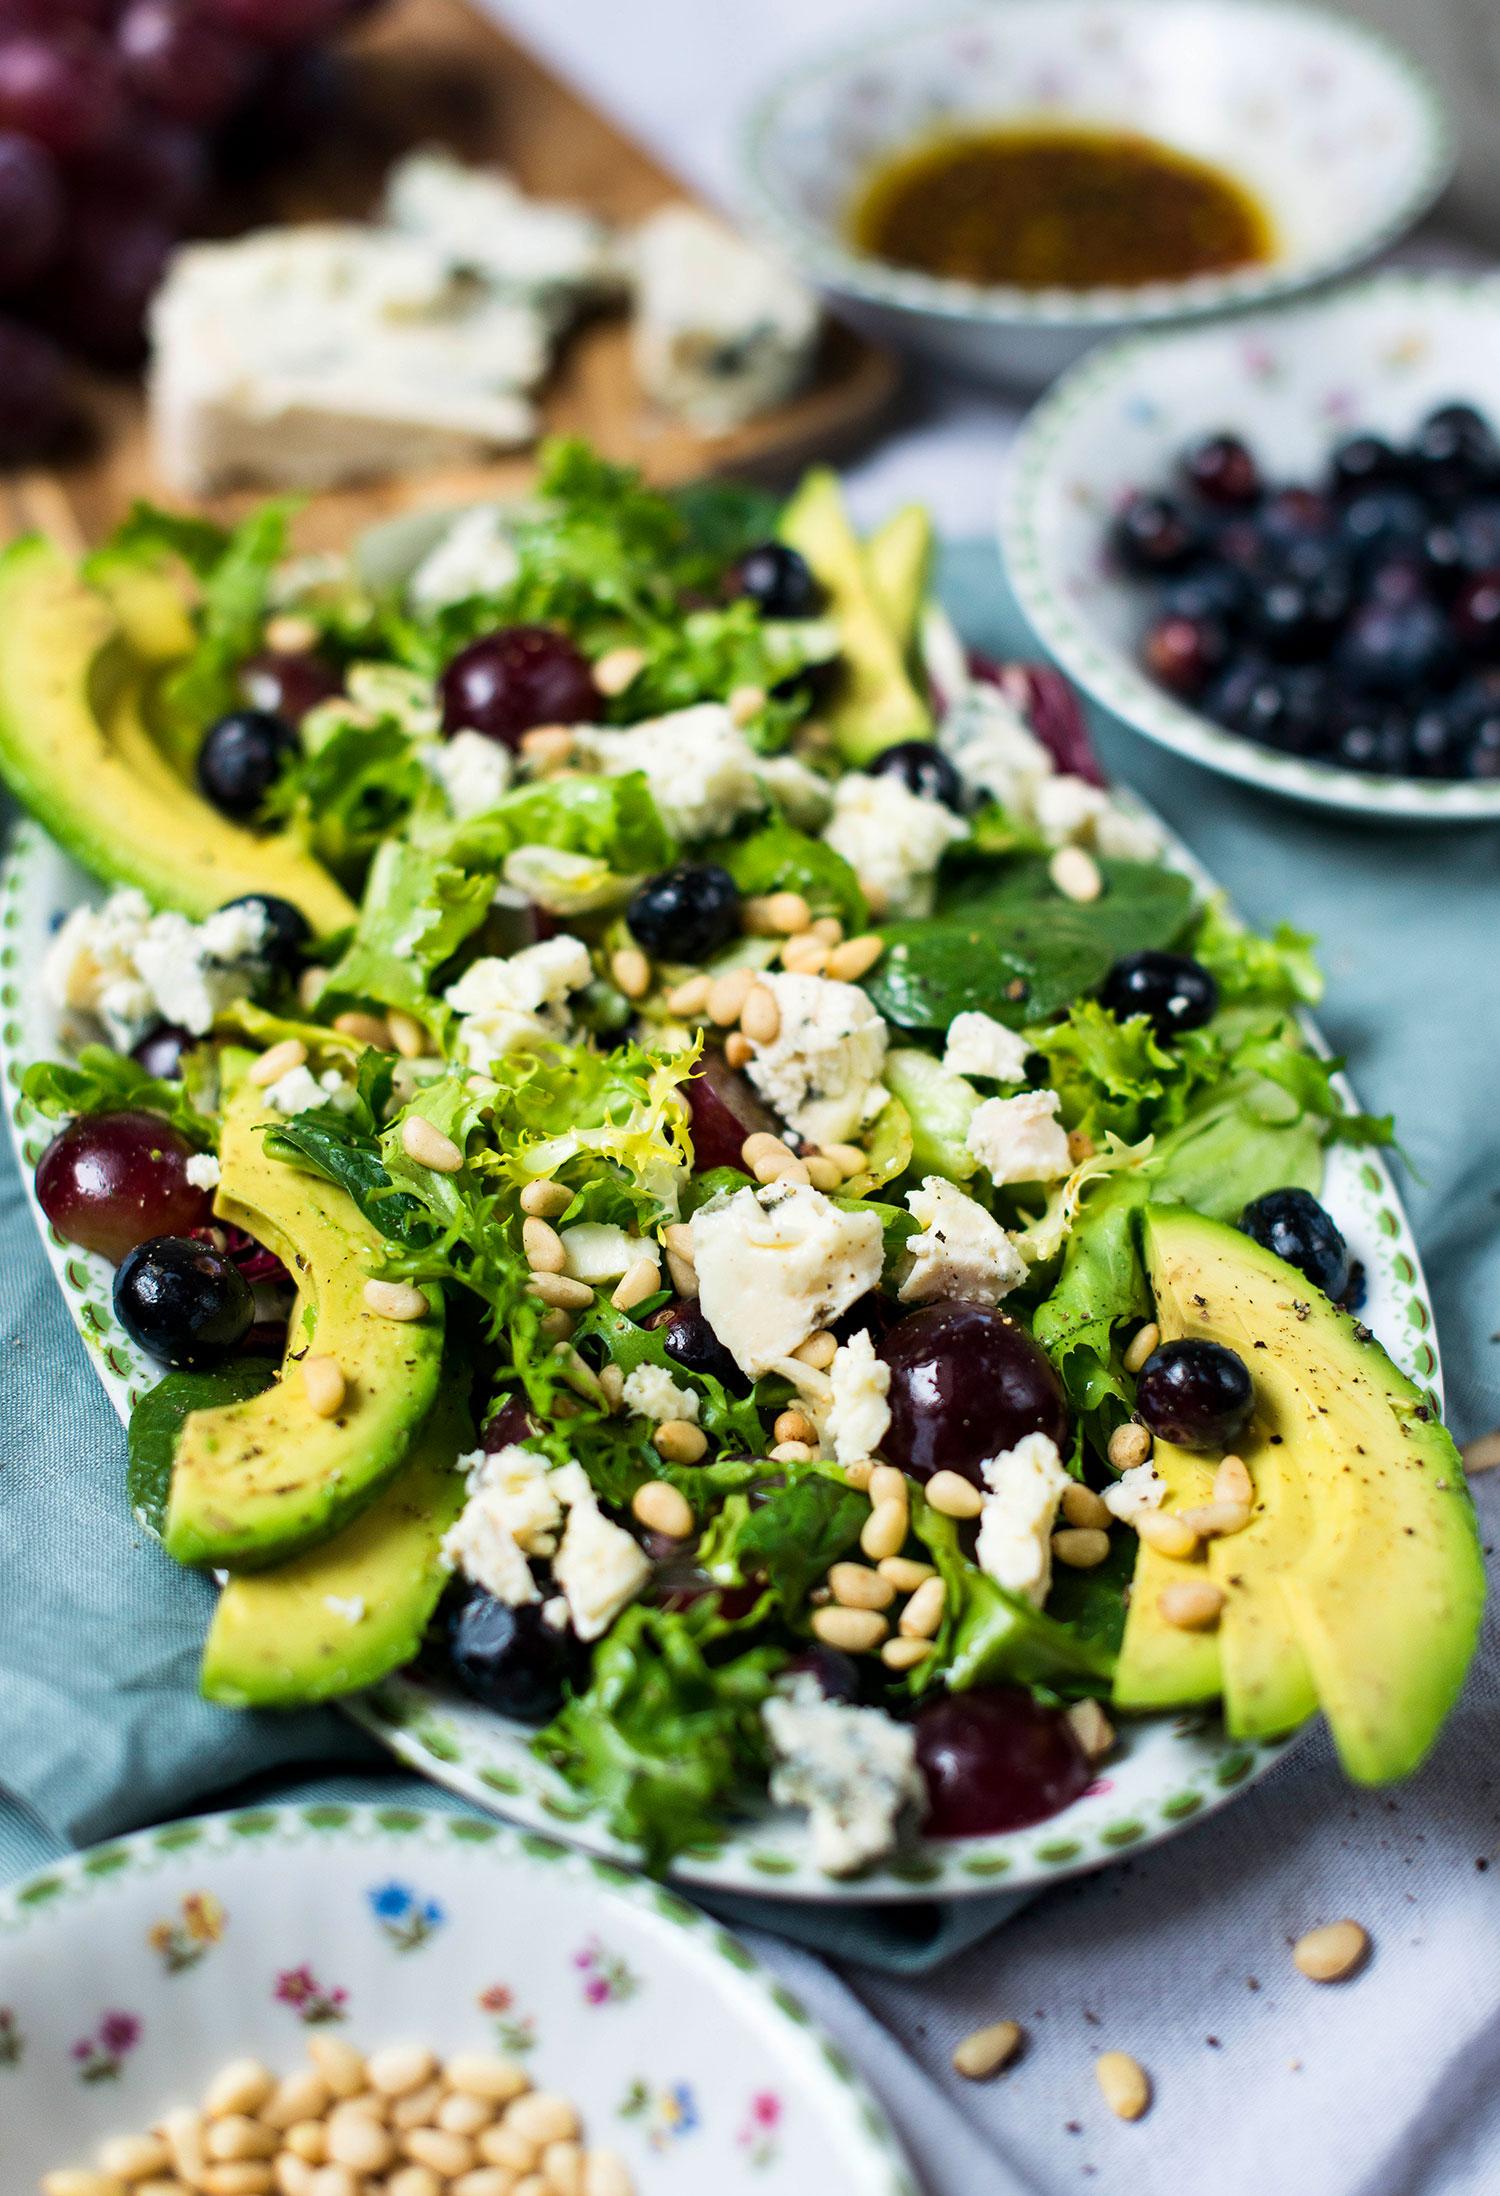 Foto - Gemischter Salat mit Avocado, Beeren und Blauschimmelkäse -